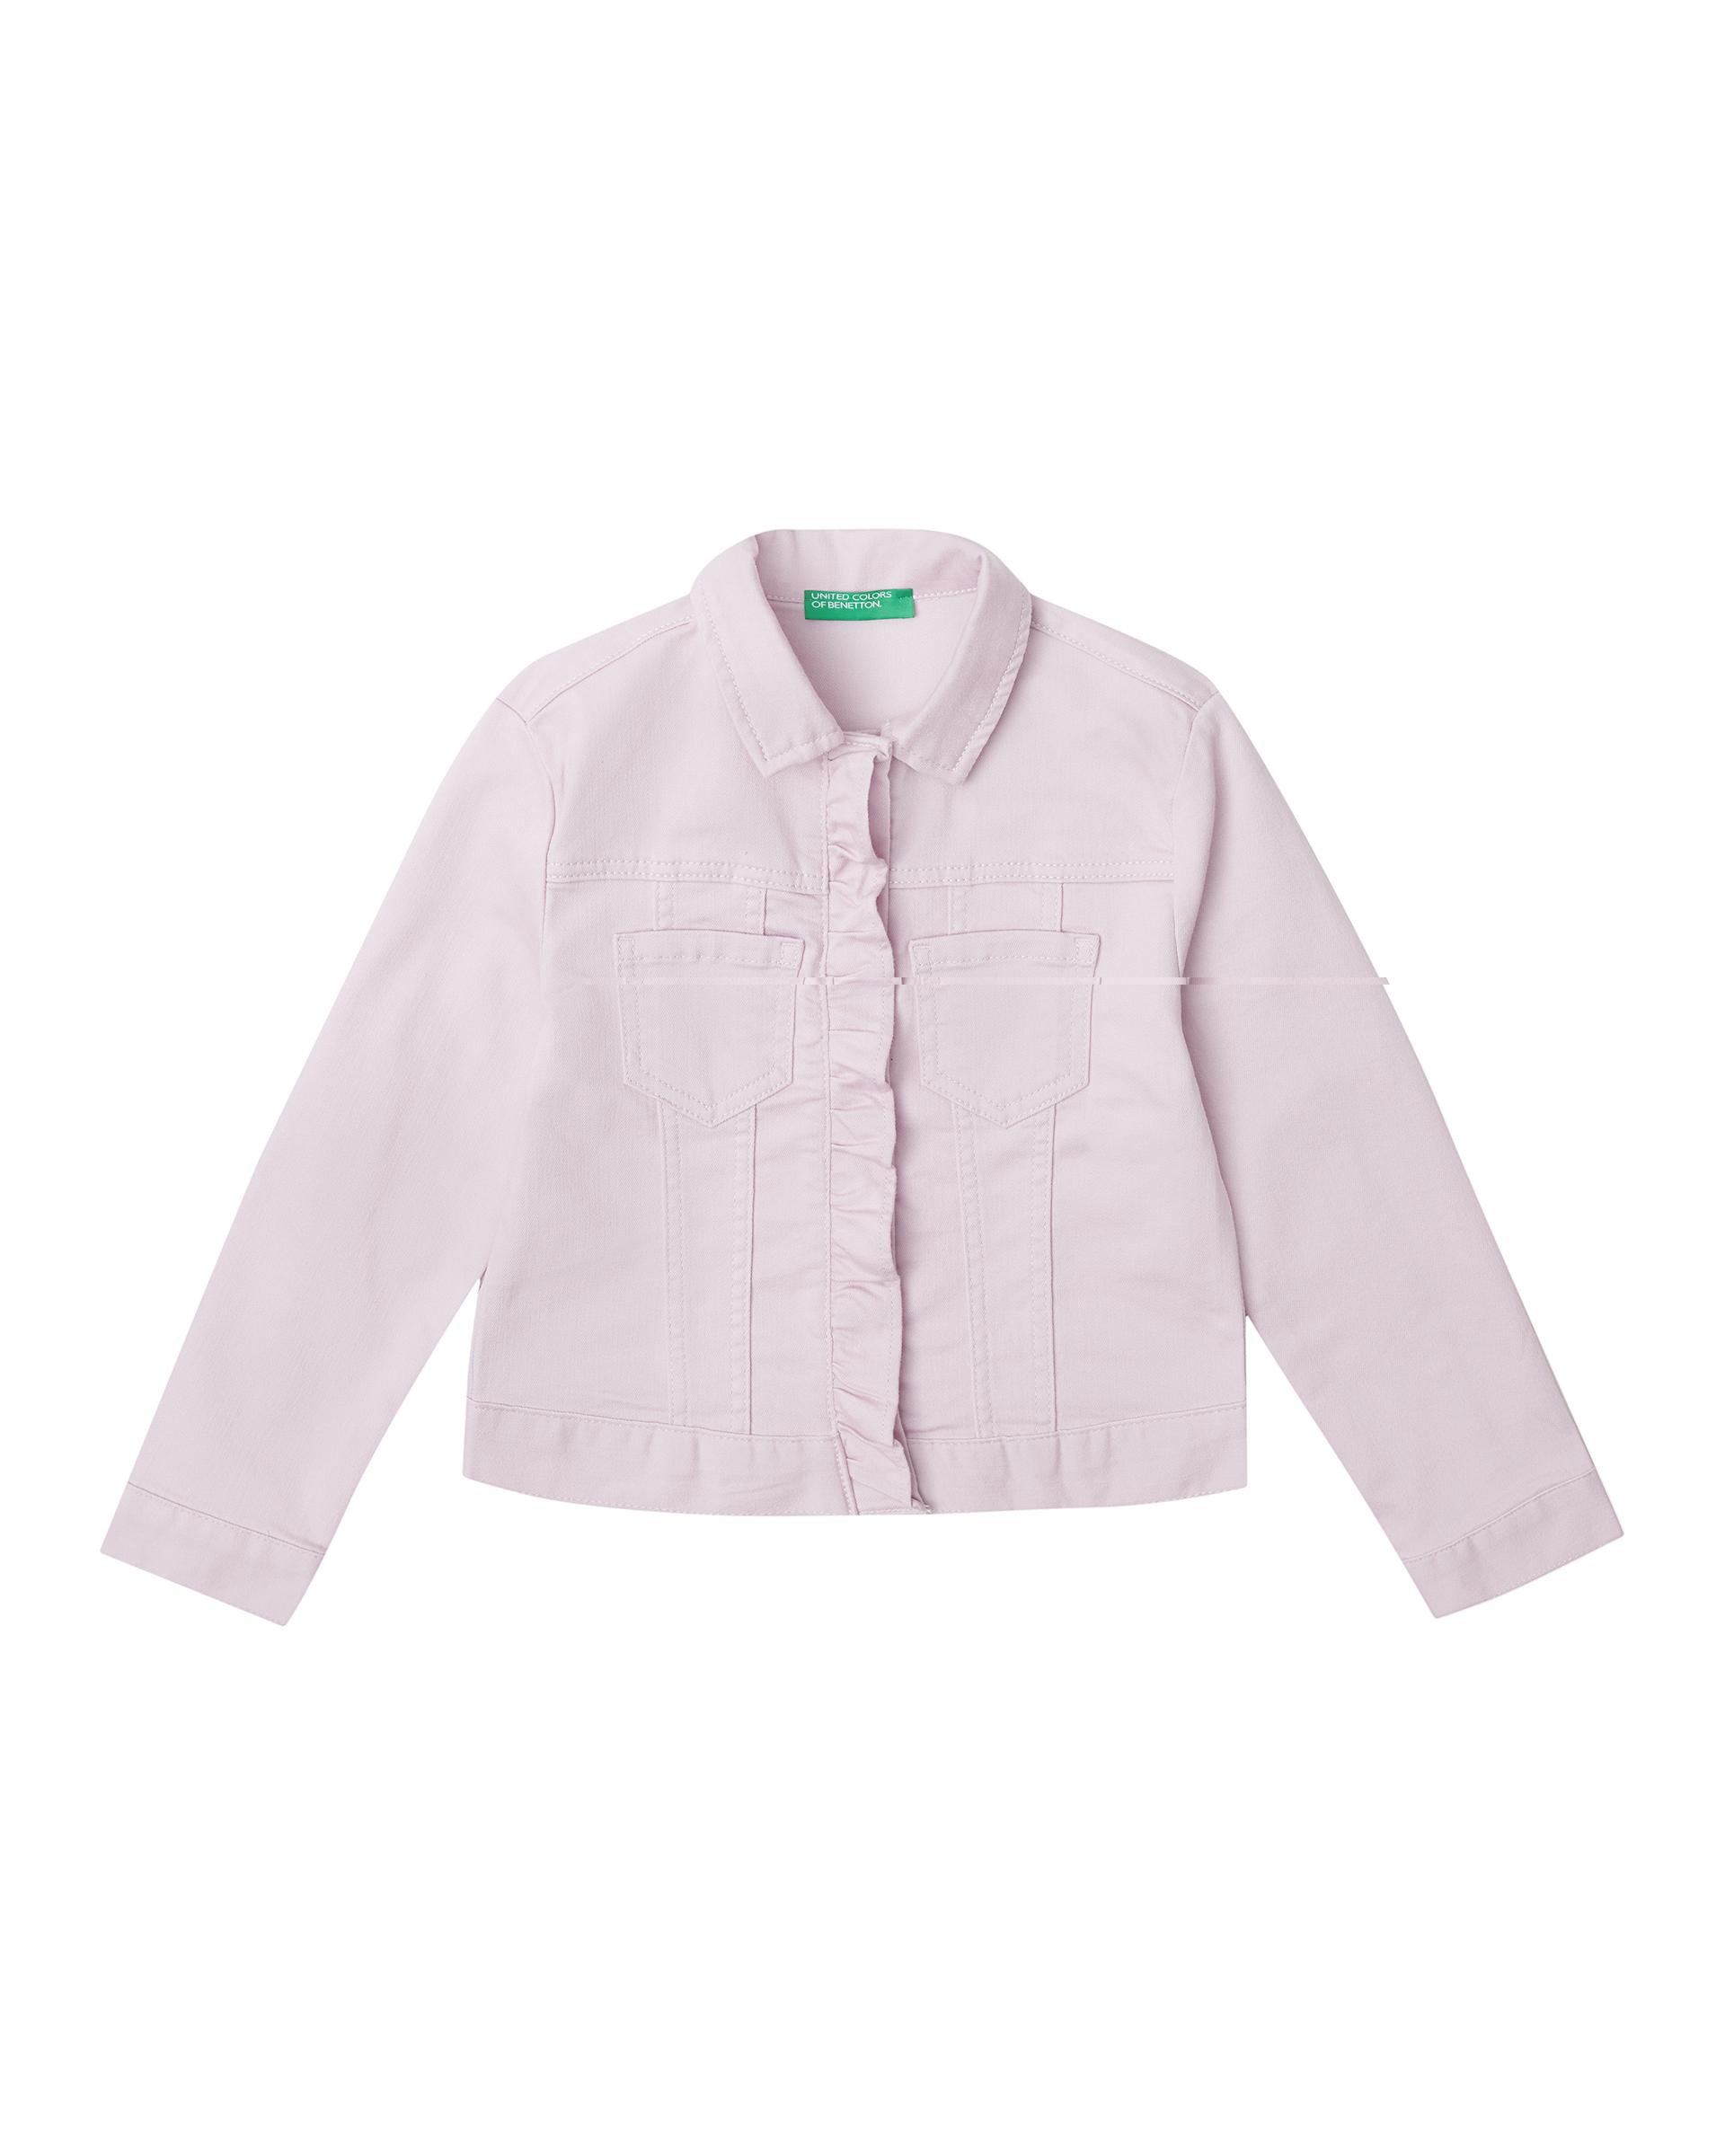 20P_2HB553I30_07M, Джинсовая куртка для девочек Benetton 2HB553I30_07M р-р 140, United Colors of Benetton, Куртки для девочек  - купить со скидкой